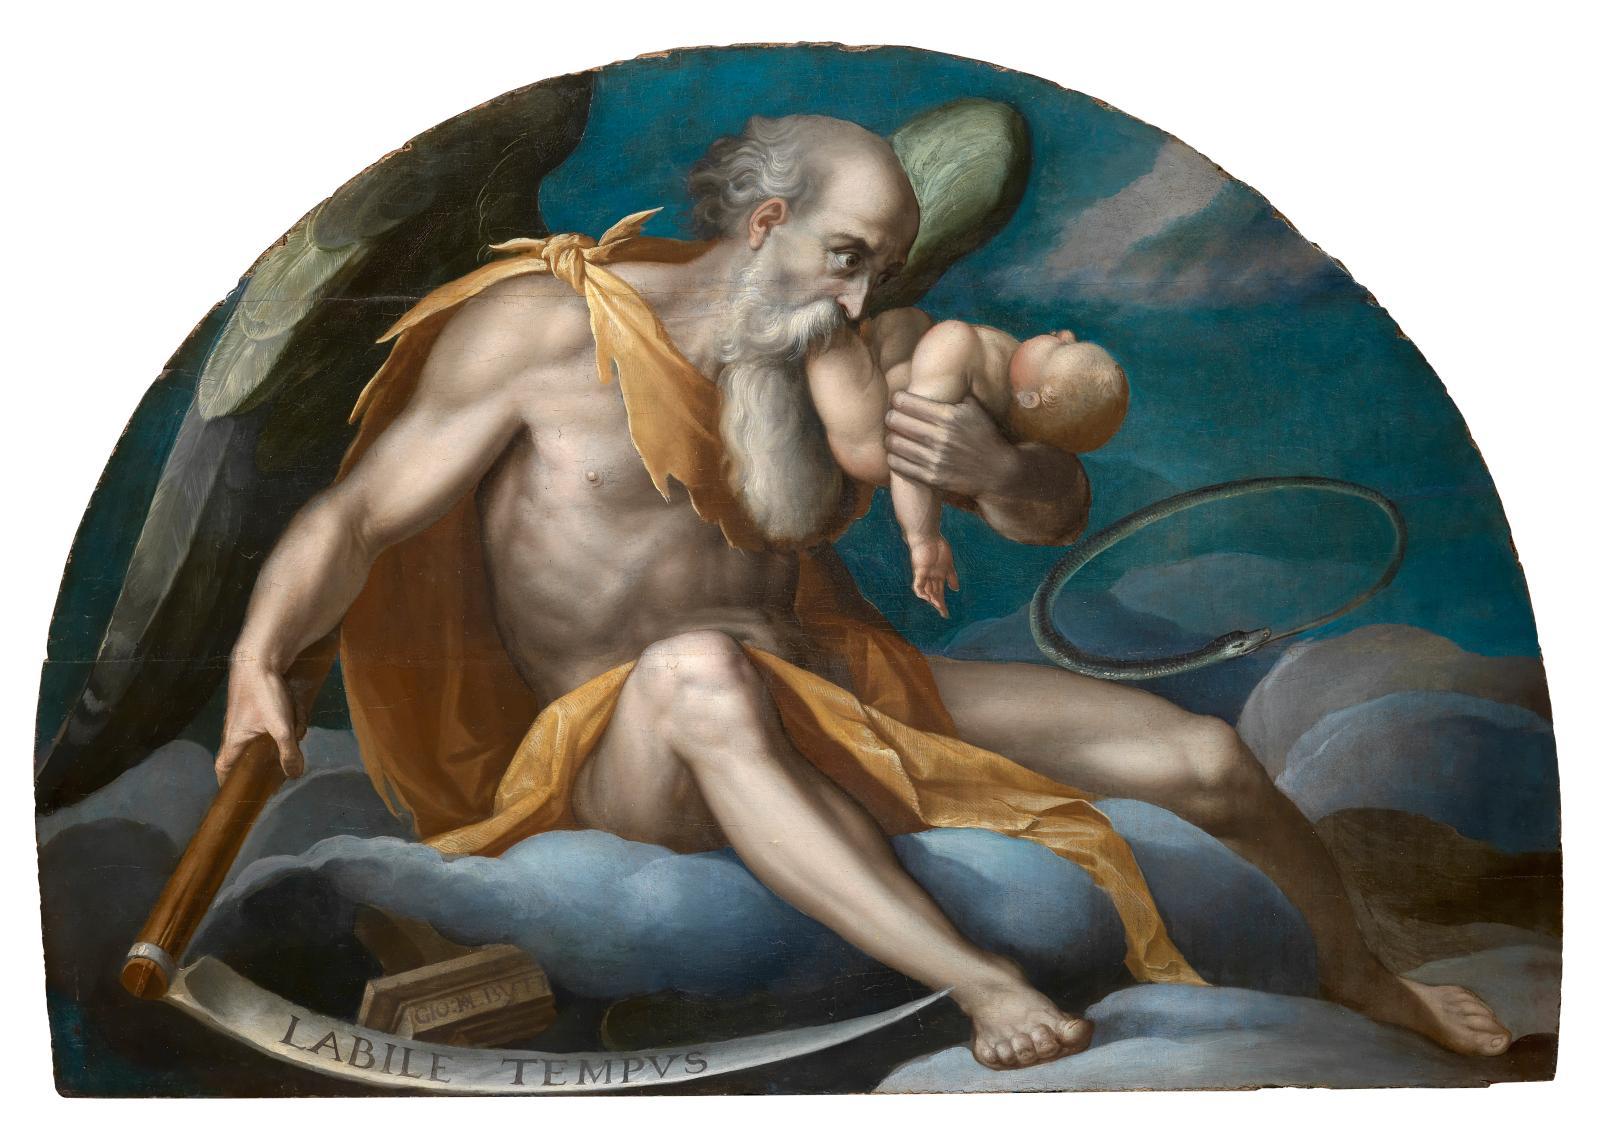 Giovanni Maria Butteri, Labile Tempus, Chronos, 1582-1585, huile sur panneau, 81x109 cm, collection privée.